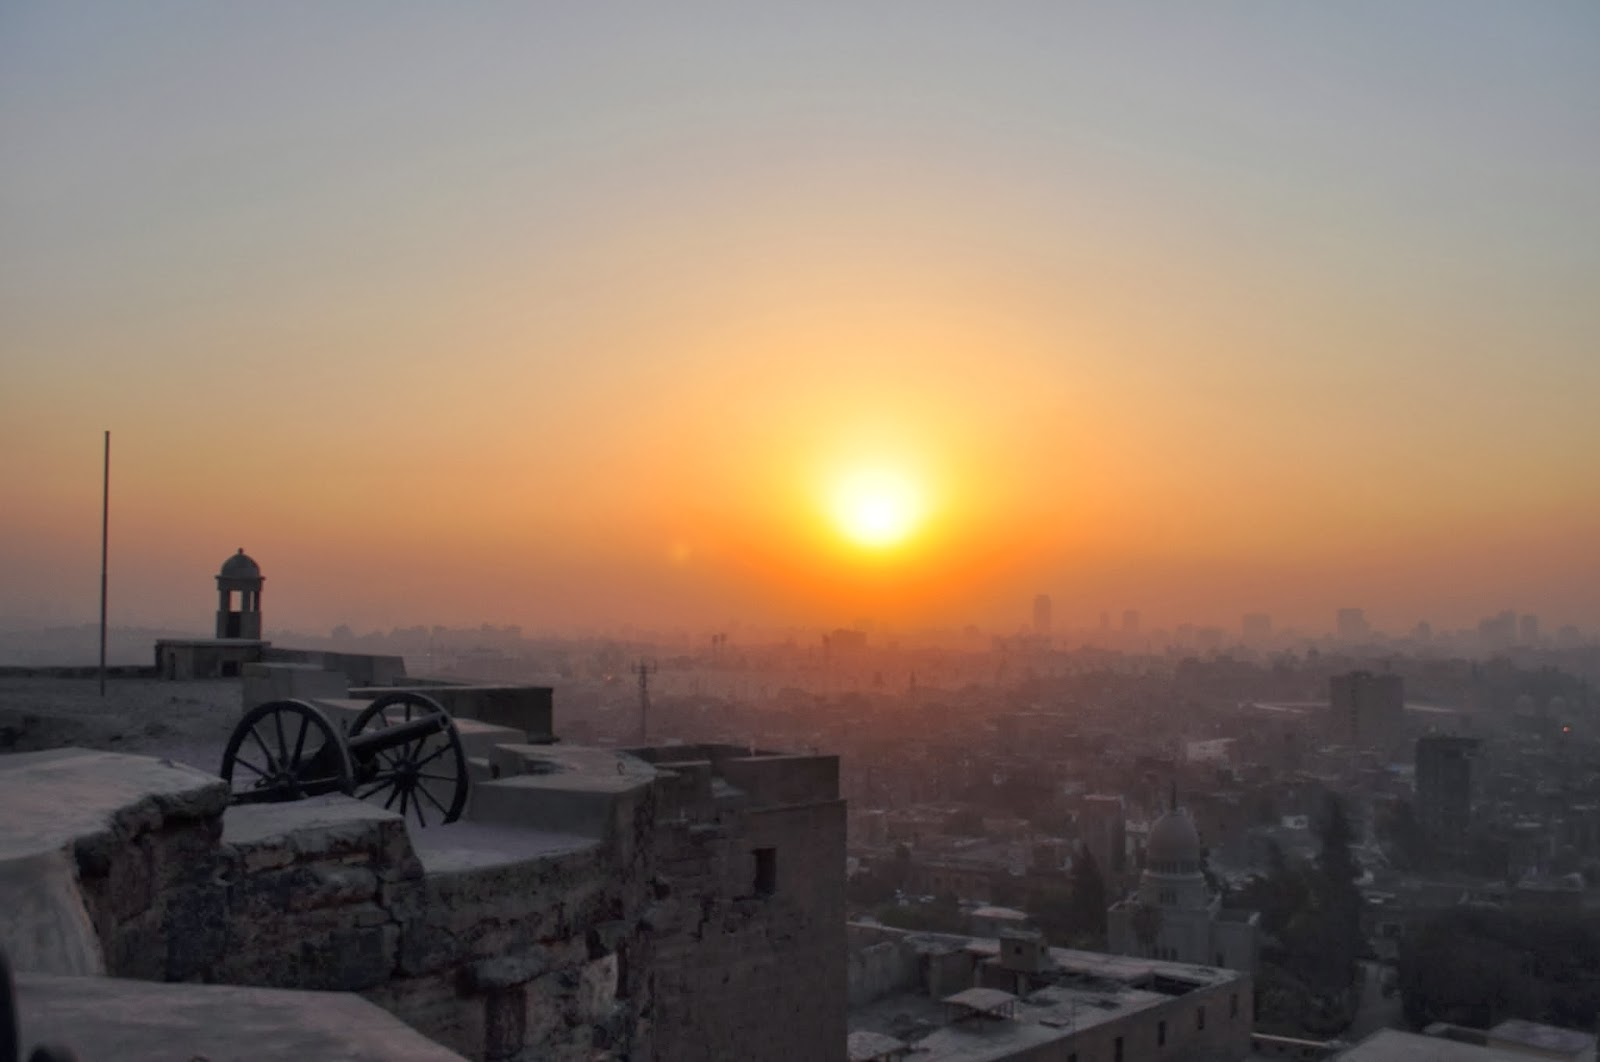 Кайро. Последните слънчеви лъчи едва си пробиват път през гъстия смог, обвиващ като в горещ пашкул египетската столица.